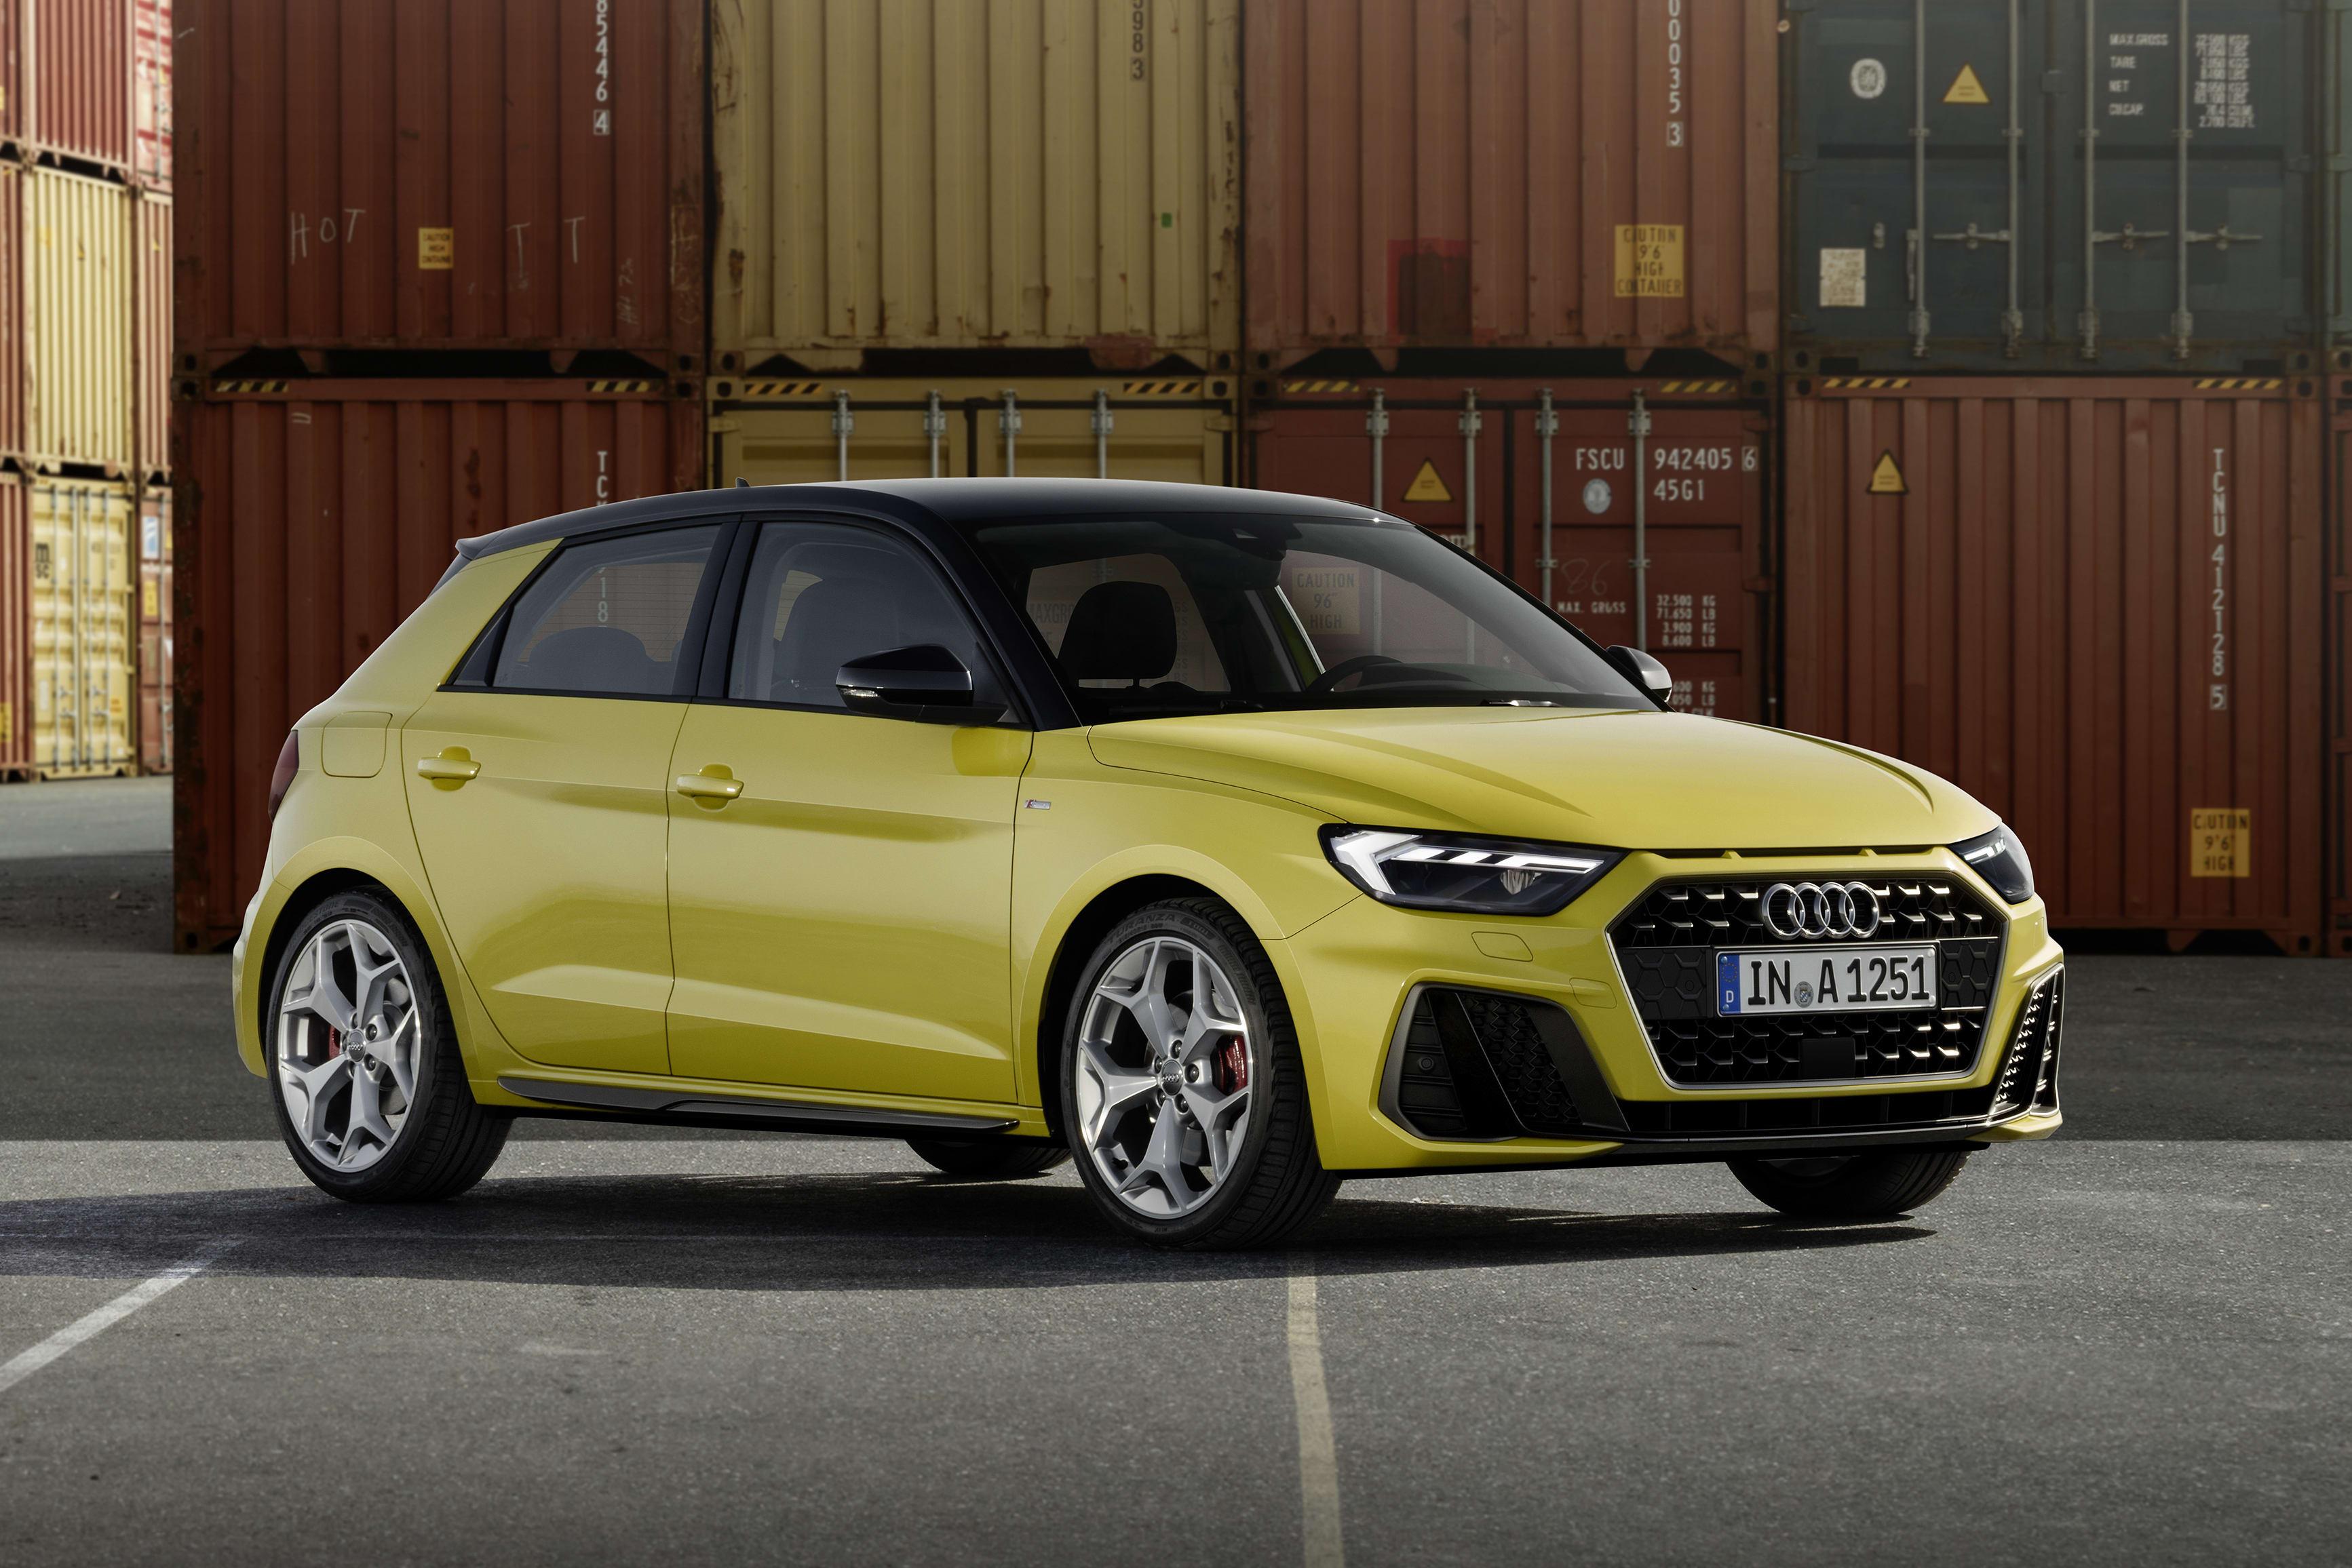 Kelebihan Kekurangan Audi R1 Spesifikasi